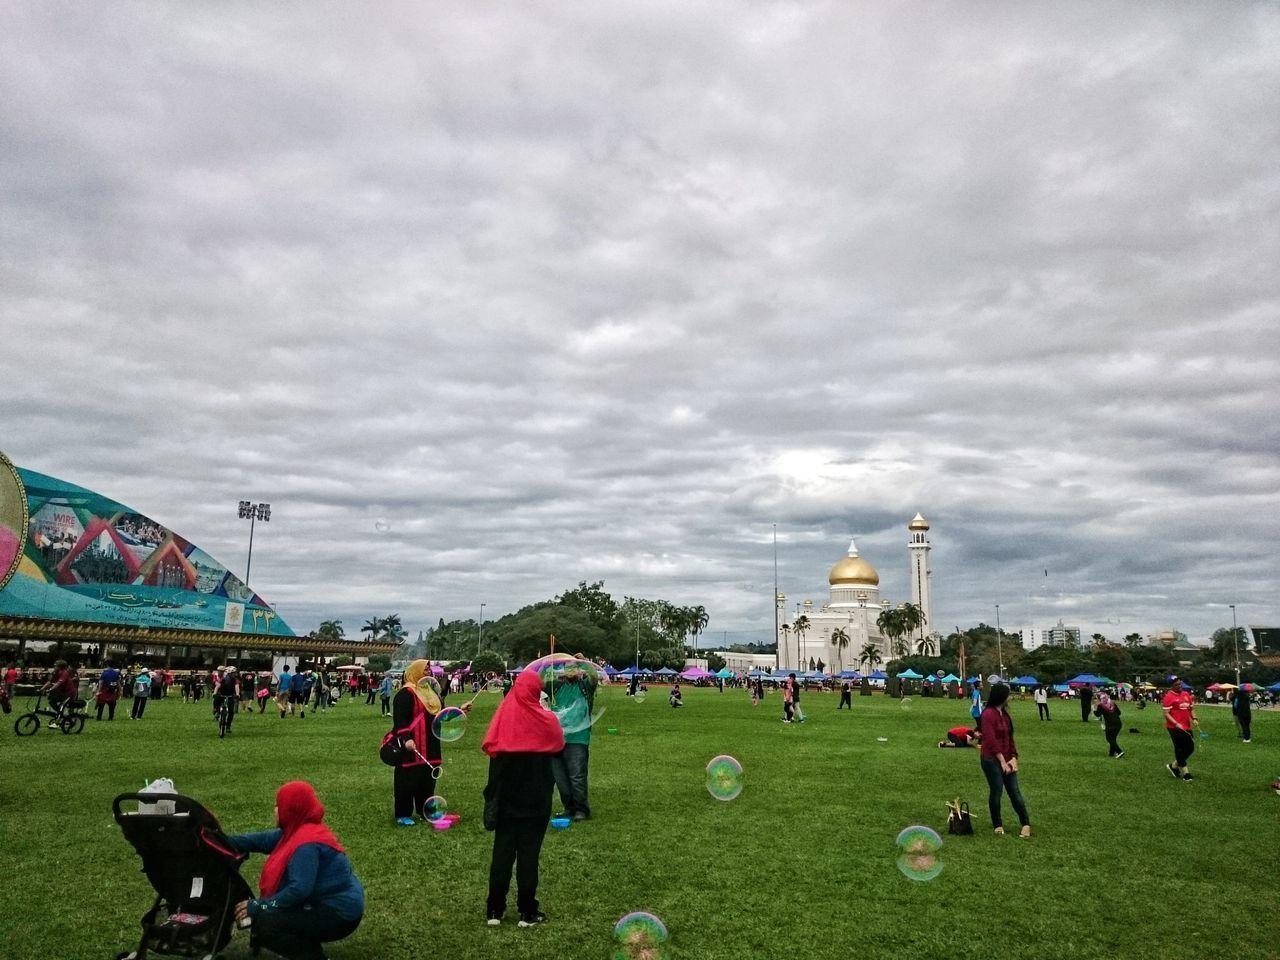 Bubbles Mobilephotography Sony Xperia Z2 Sonyxperiaz2 Brunei Darussalam Familysunday